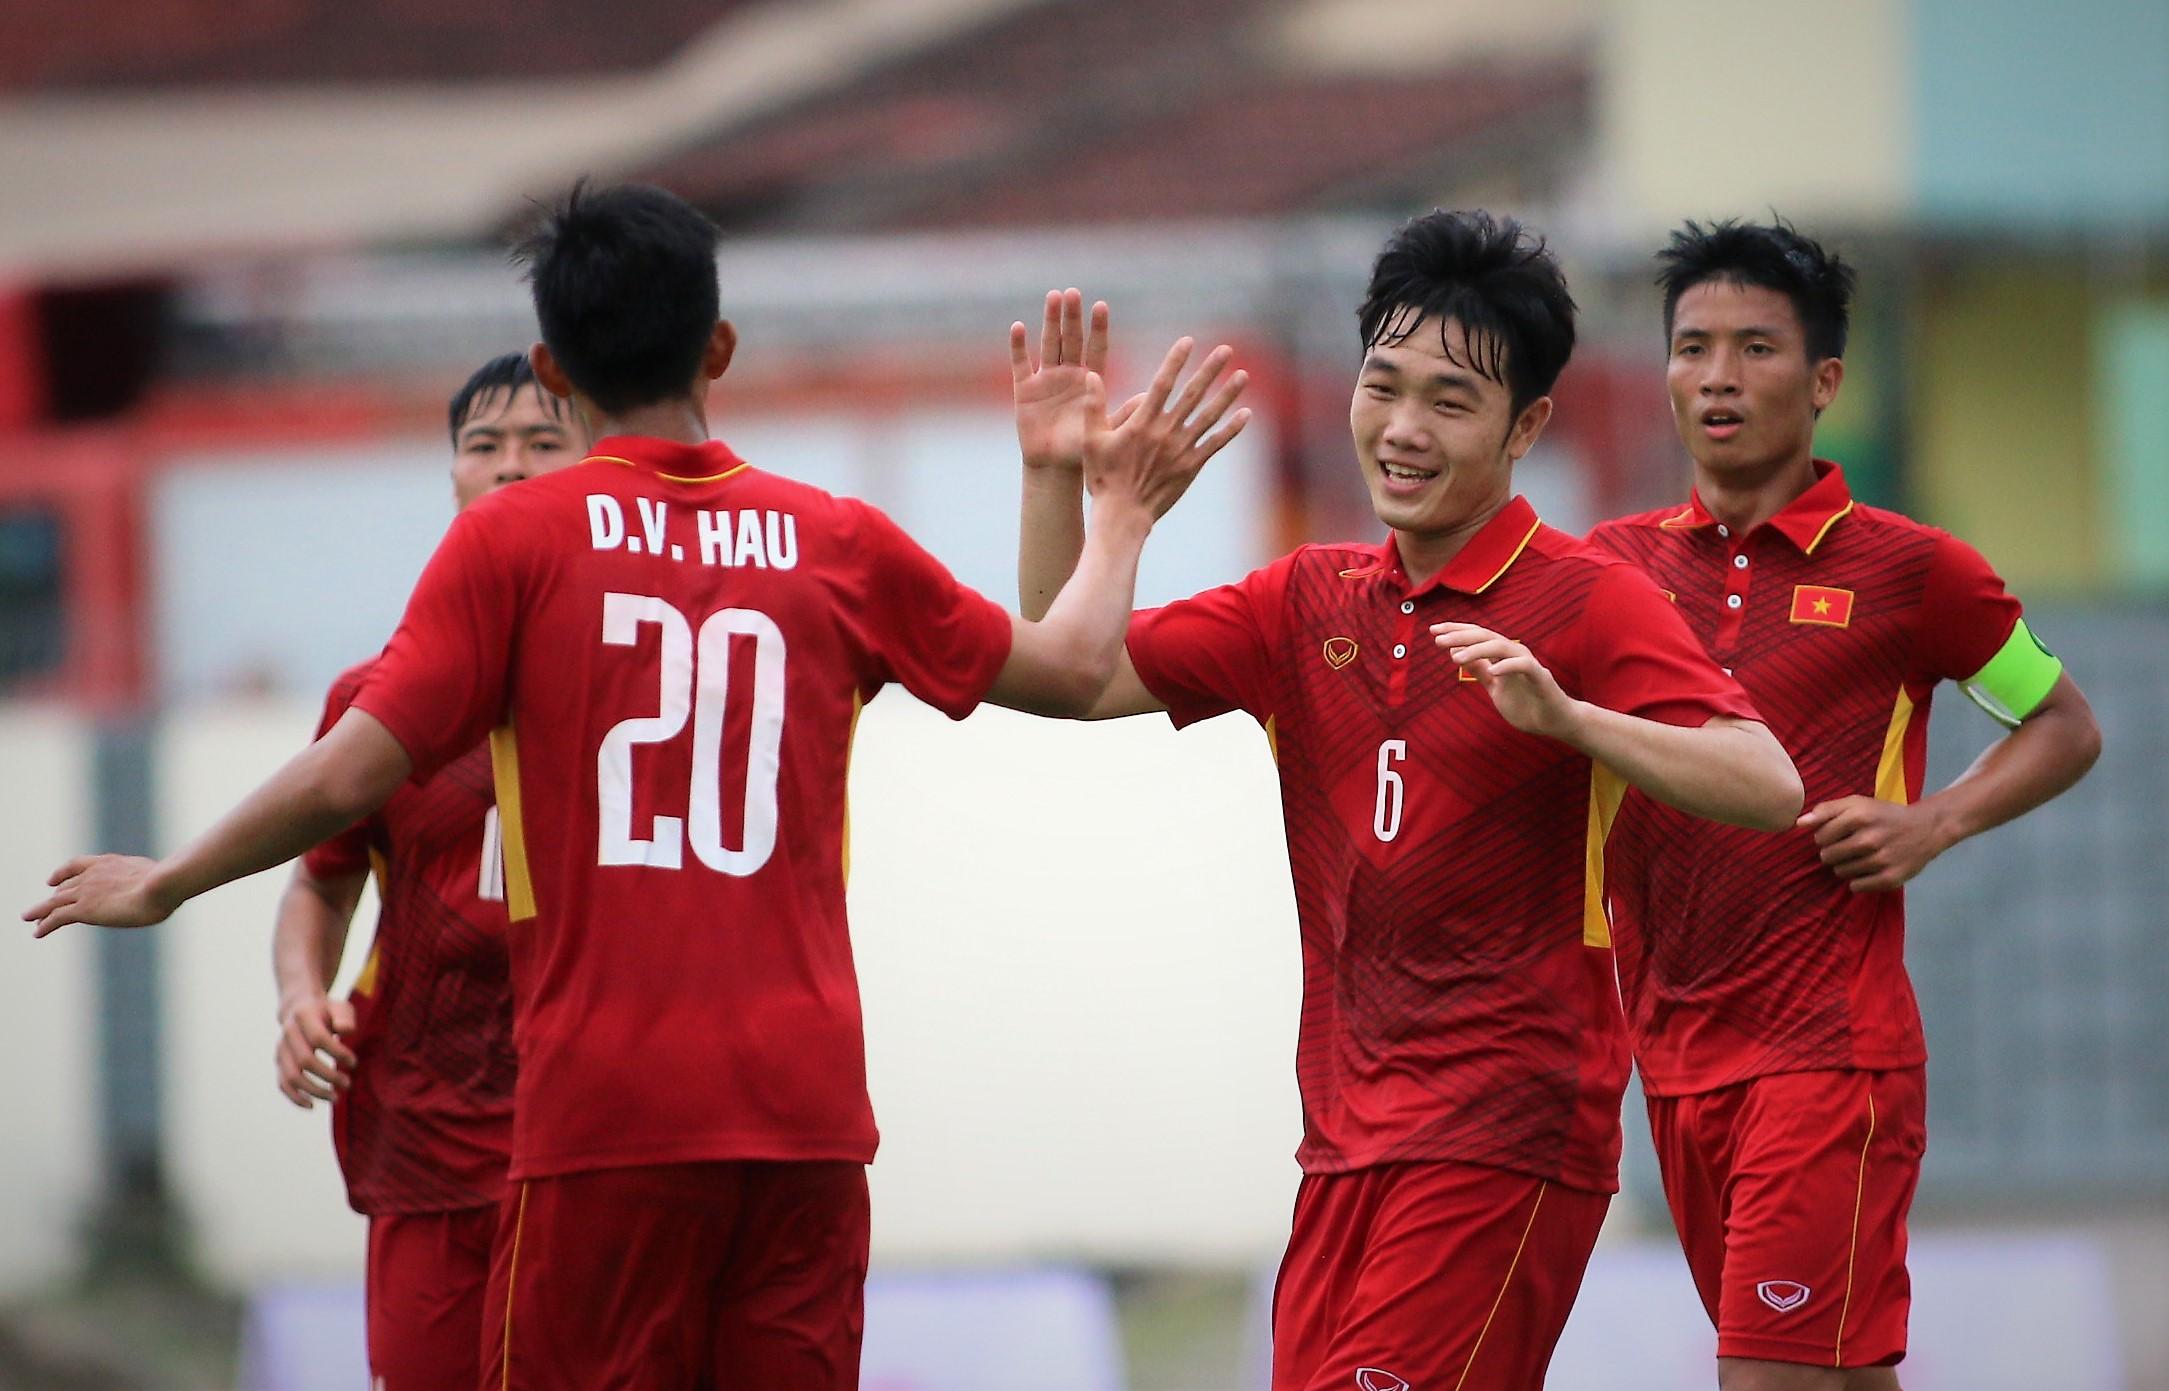 HLV Park Hang-seo muốn Công Phượng, Xuân Trường chơi tiki-taka ở ĐT Việt Nam - Bóng Đá